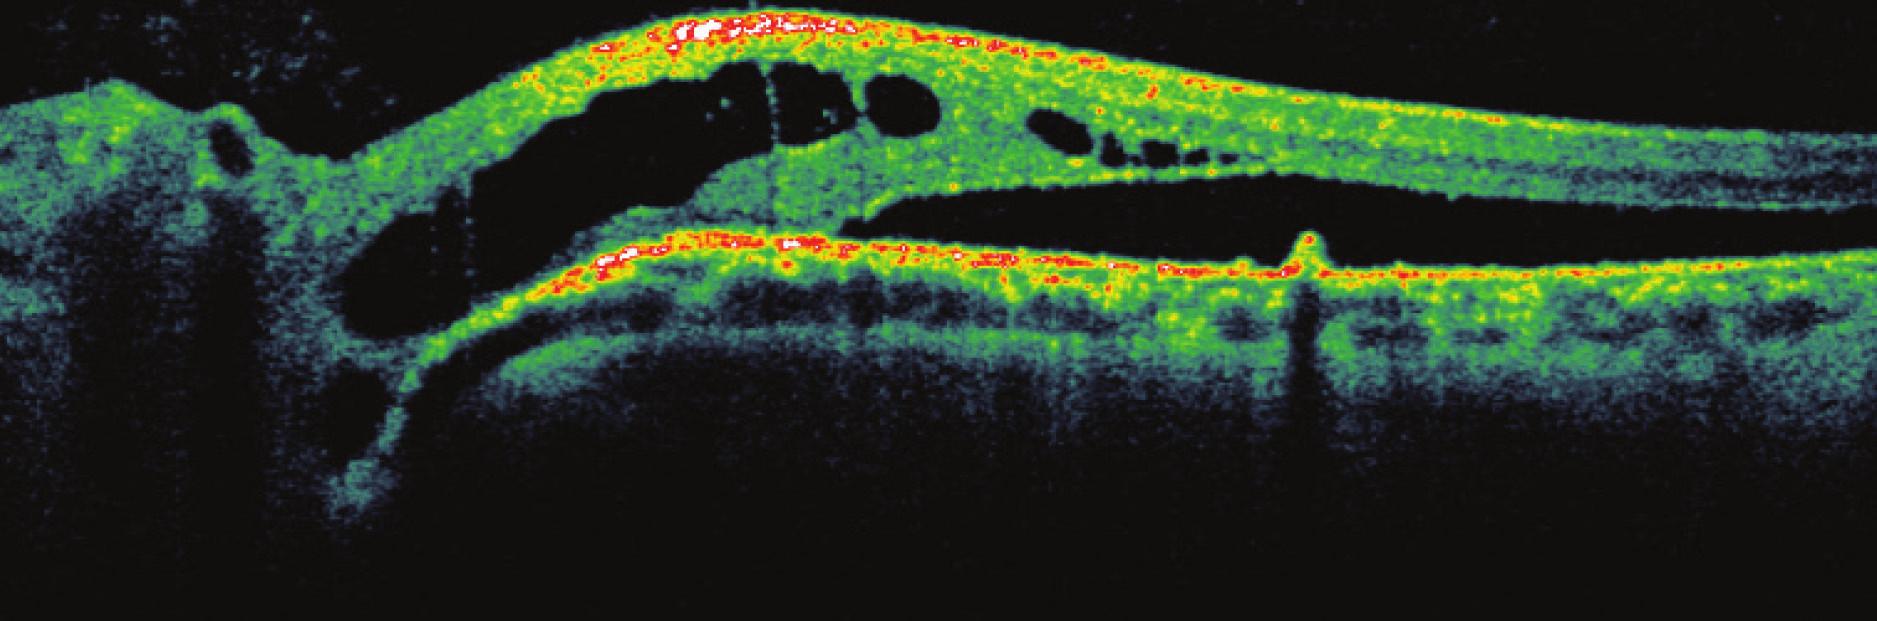 Obr. 7a Pacient č. 5 Lineární horizontální transpapilární (v horním okraji terče zrakového nervu) OCT sken OL, makulármí retinoschíza zevní vrstvy sítnice a subretinální tekutina